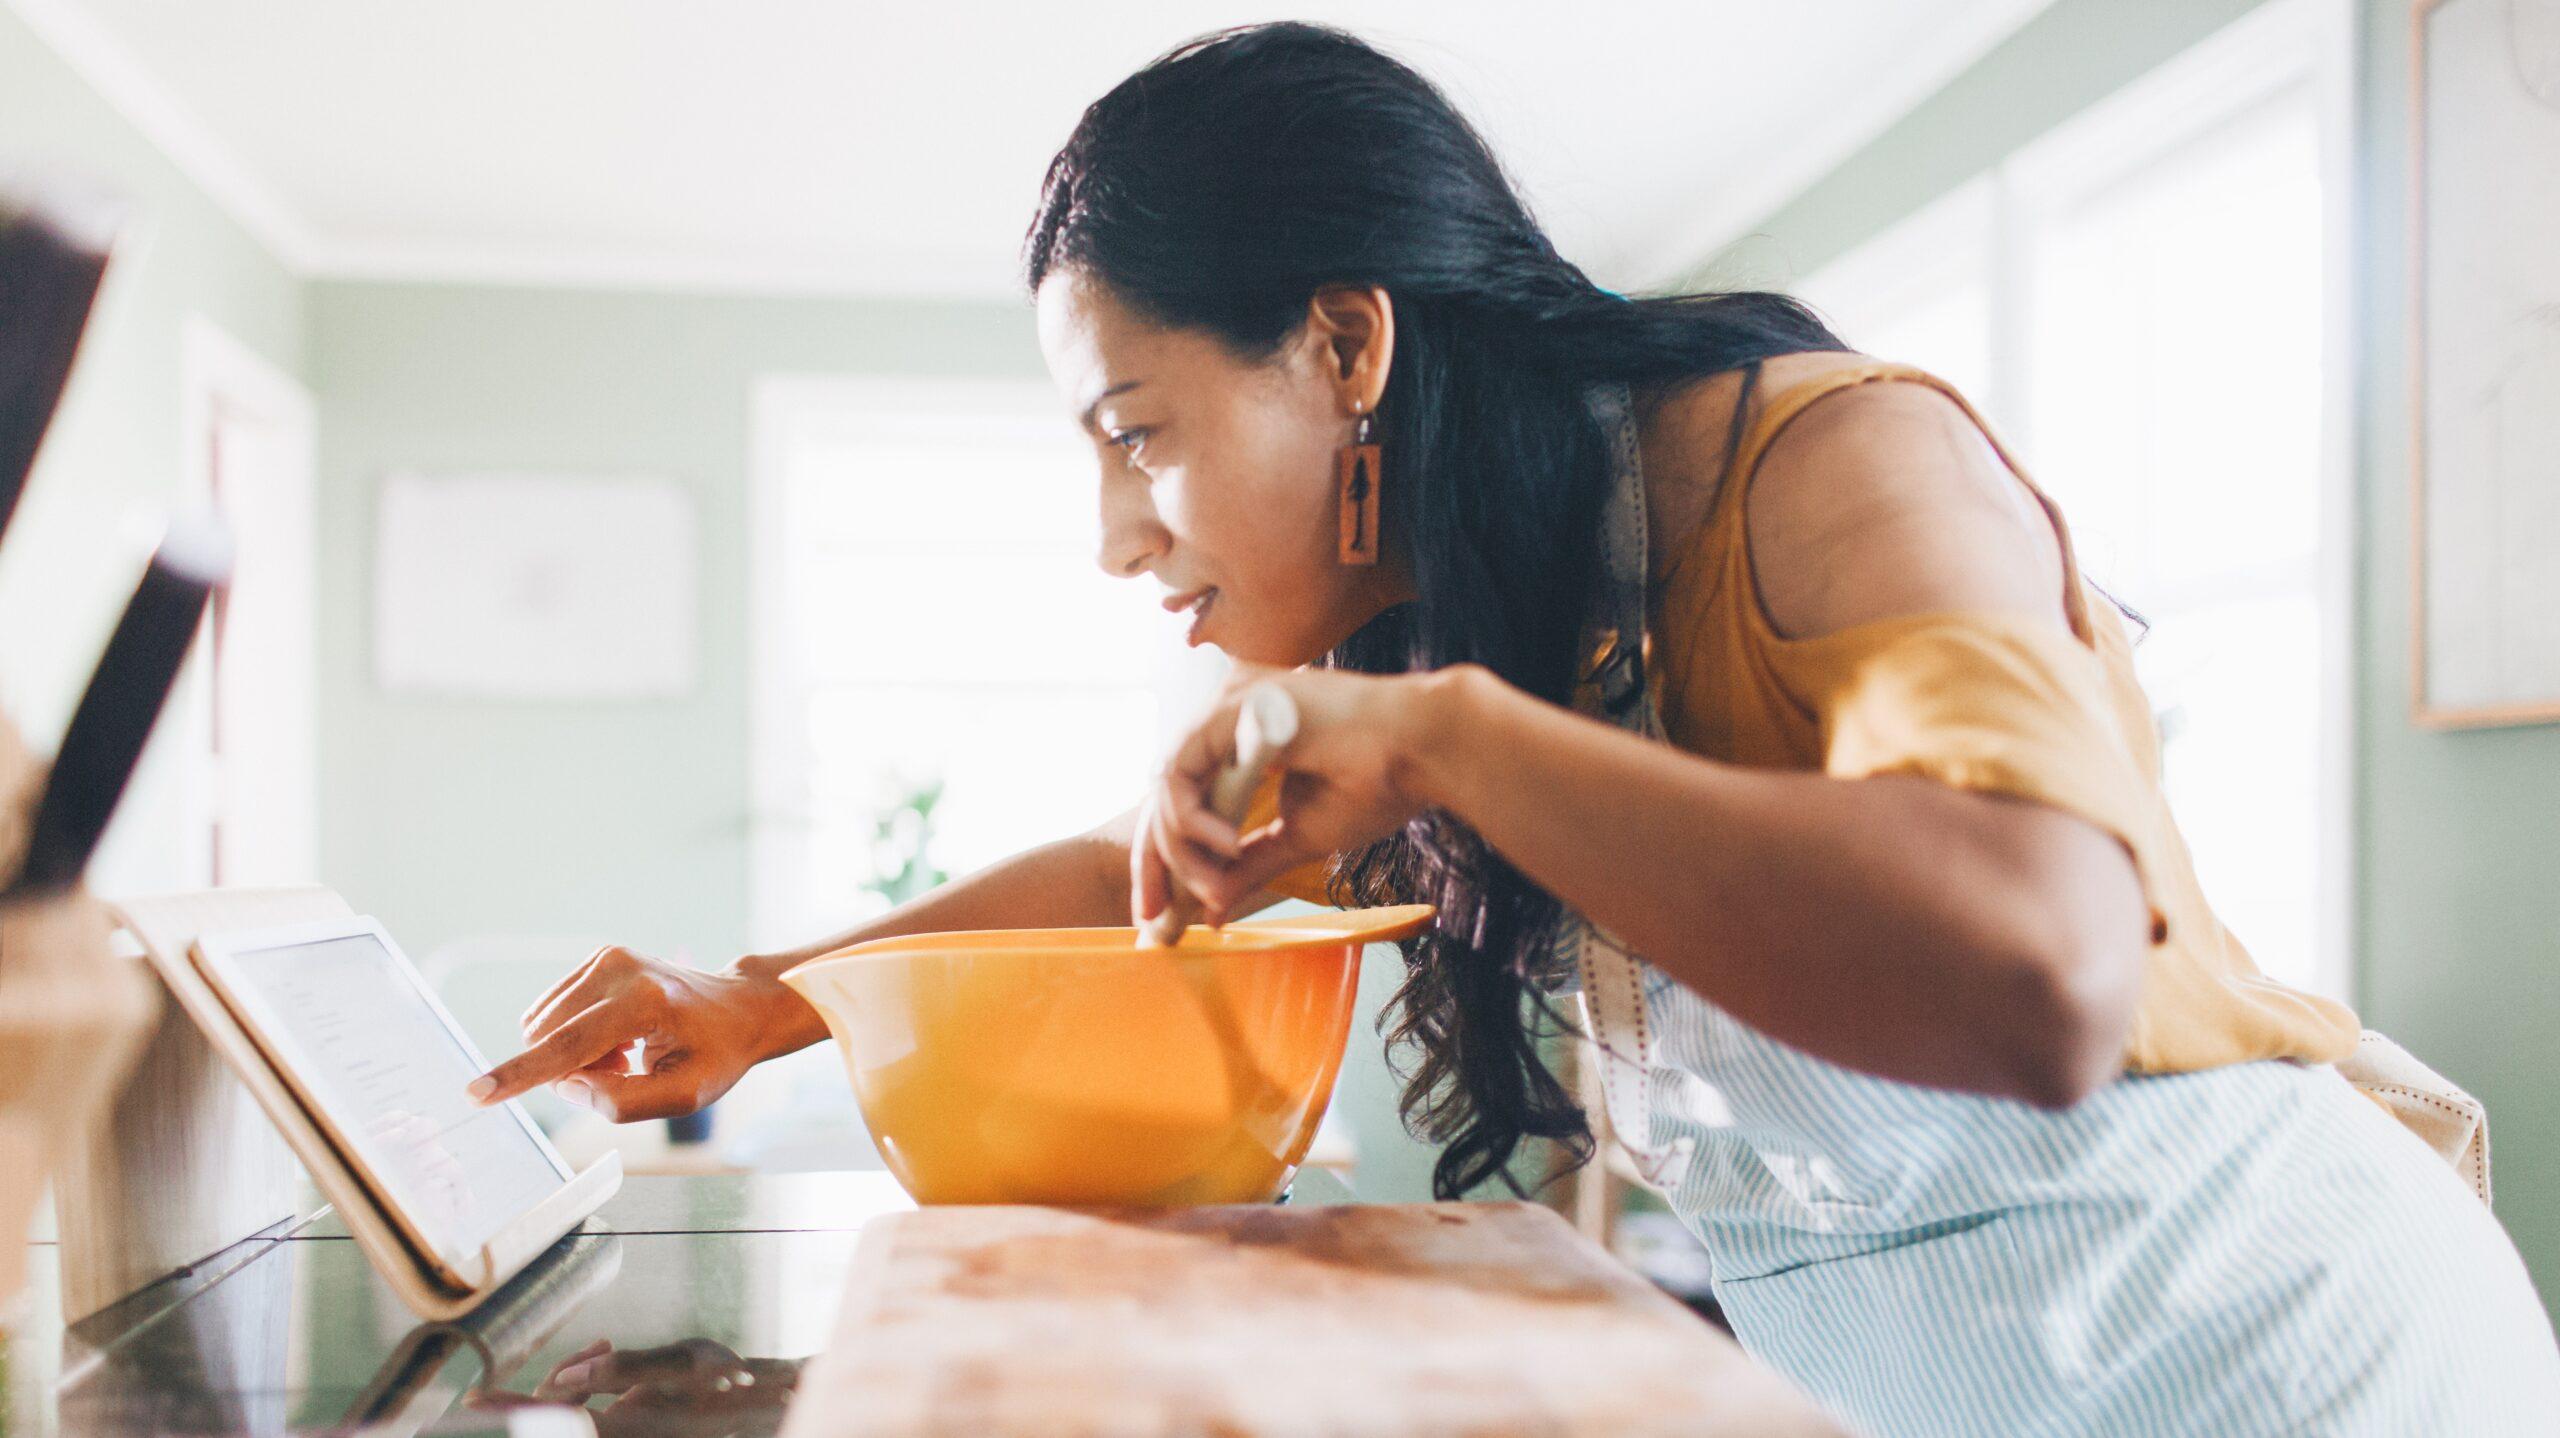 在线烹饪课程带全球烹饪家庭